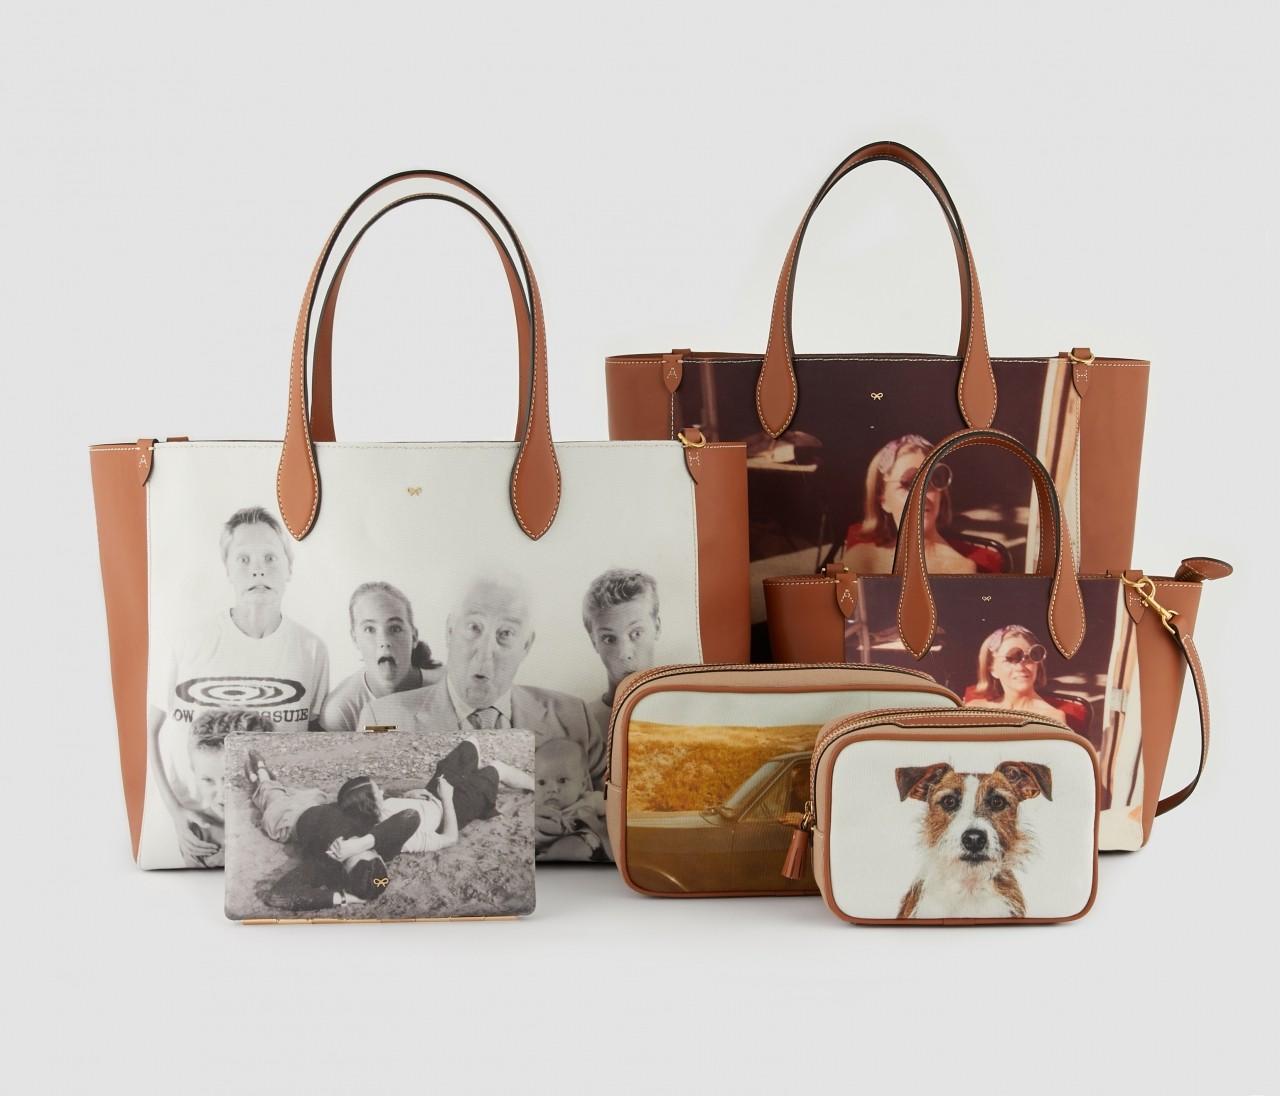 アニヤ・ハインドマーチ伝説の大ヒットバッグ「Be A Bag」が復活!お気に入りの写真をバッグにプリントしてカスタマイズ